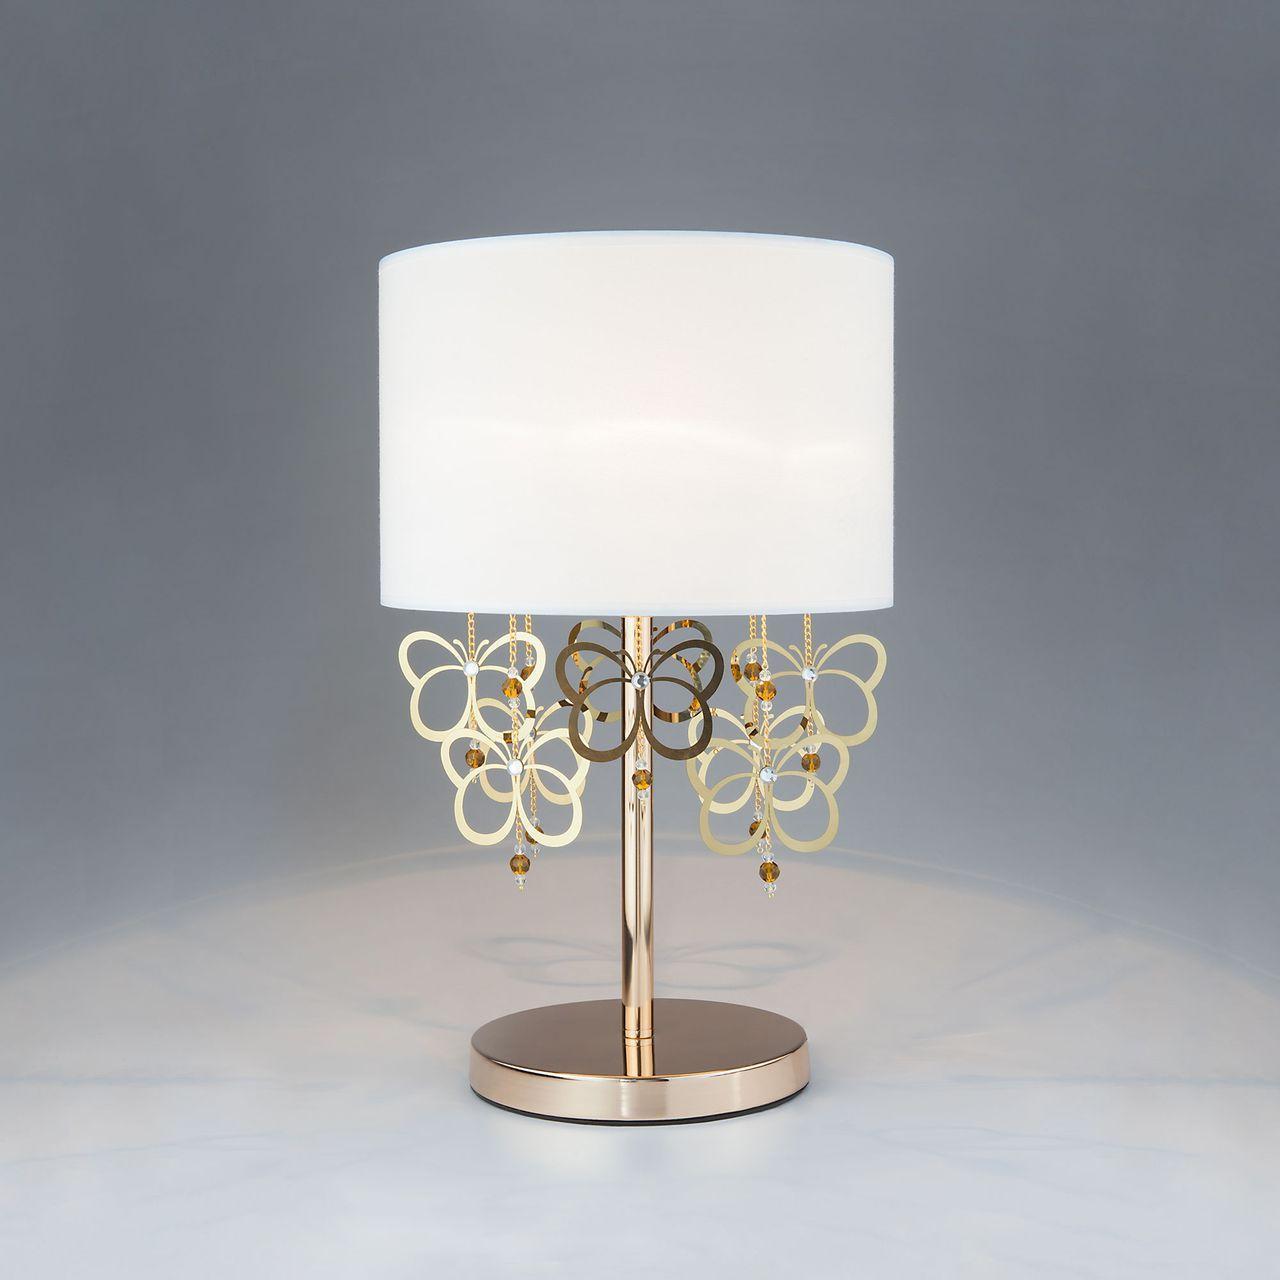 Настольная лампа Bogates Papillon 01095/1 лампа настольная декоративная bogates 01090 1